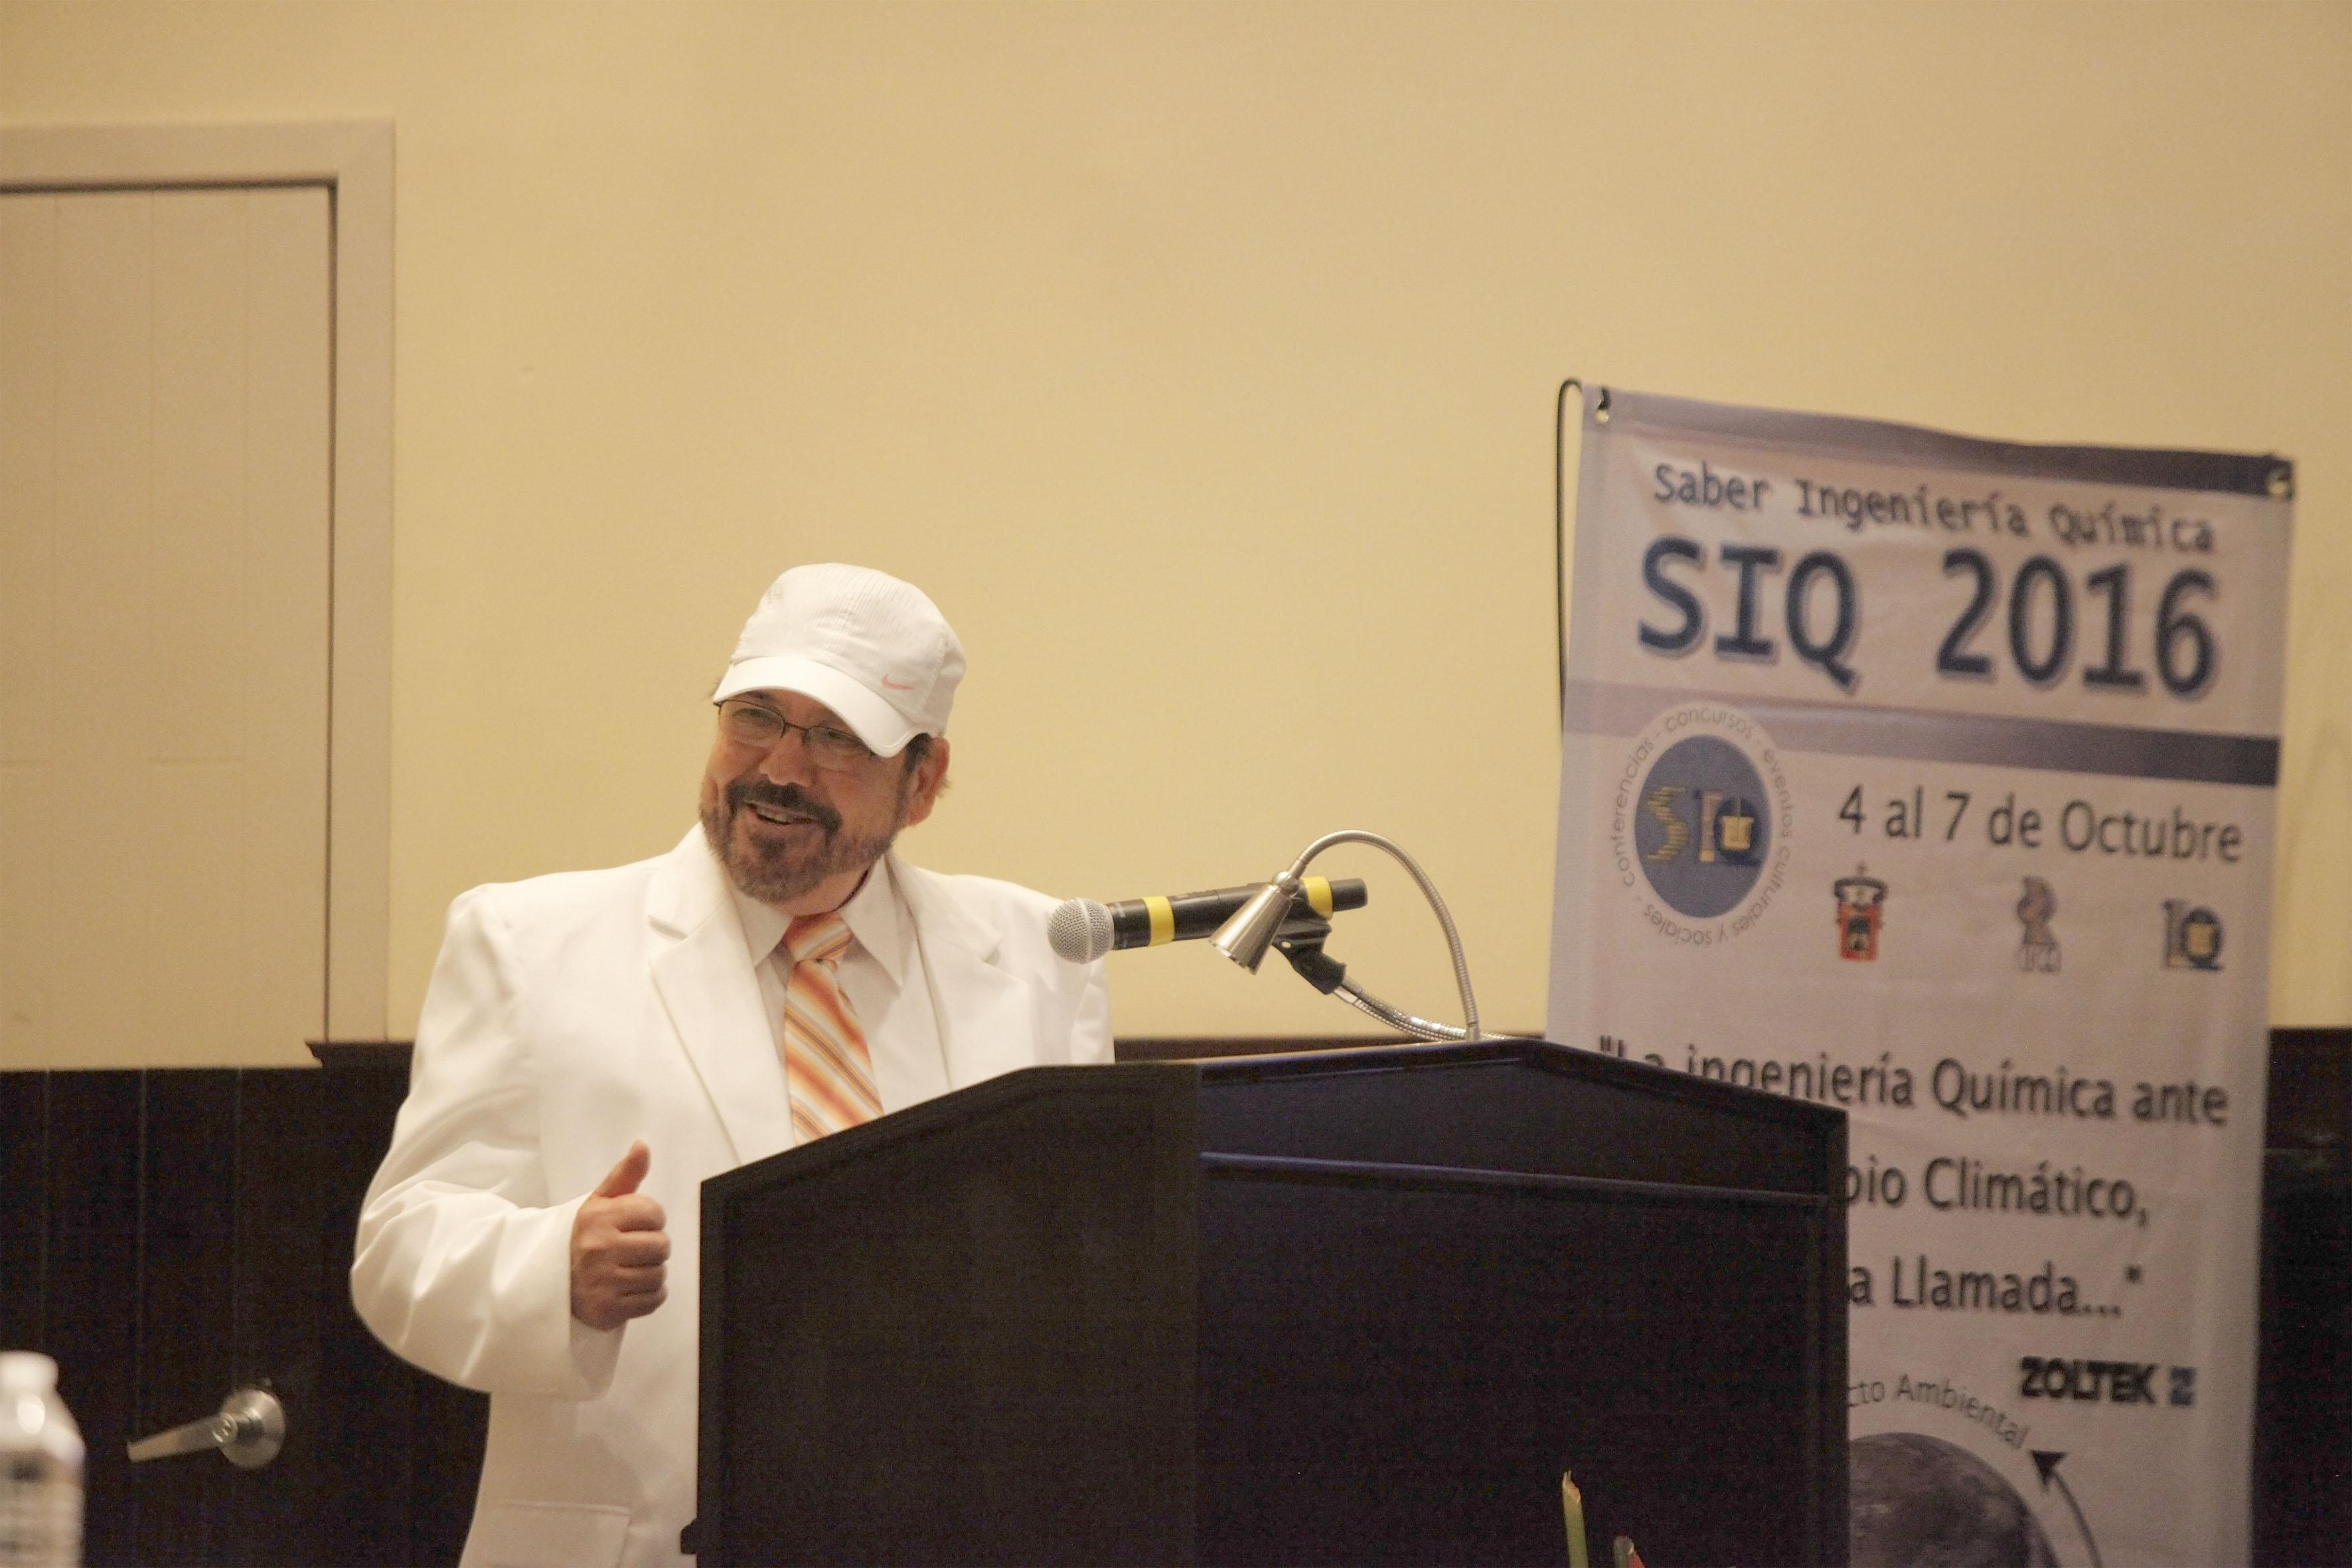 Vestido de traje en blanco y cachucha del mismo color, el Ingeniero Severiano Gómez Mora, profesor de la carrera de Química, con micrófono en podium haciendo uso de la palabra.